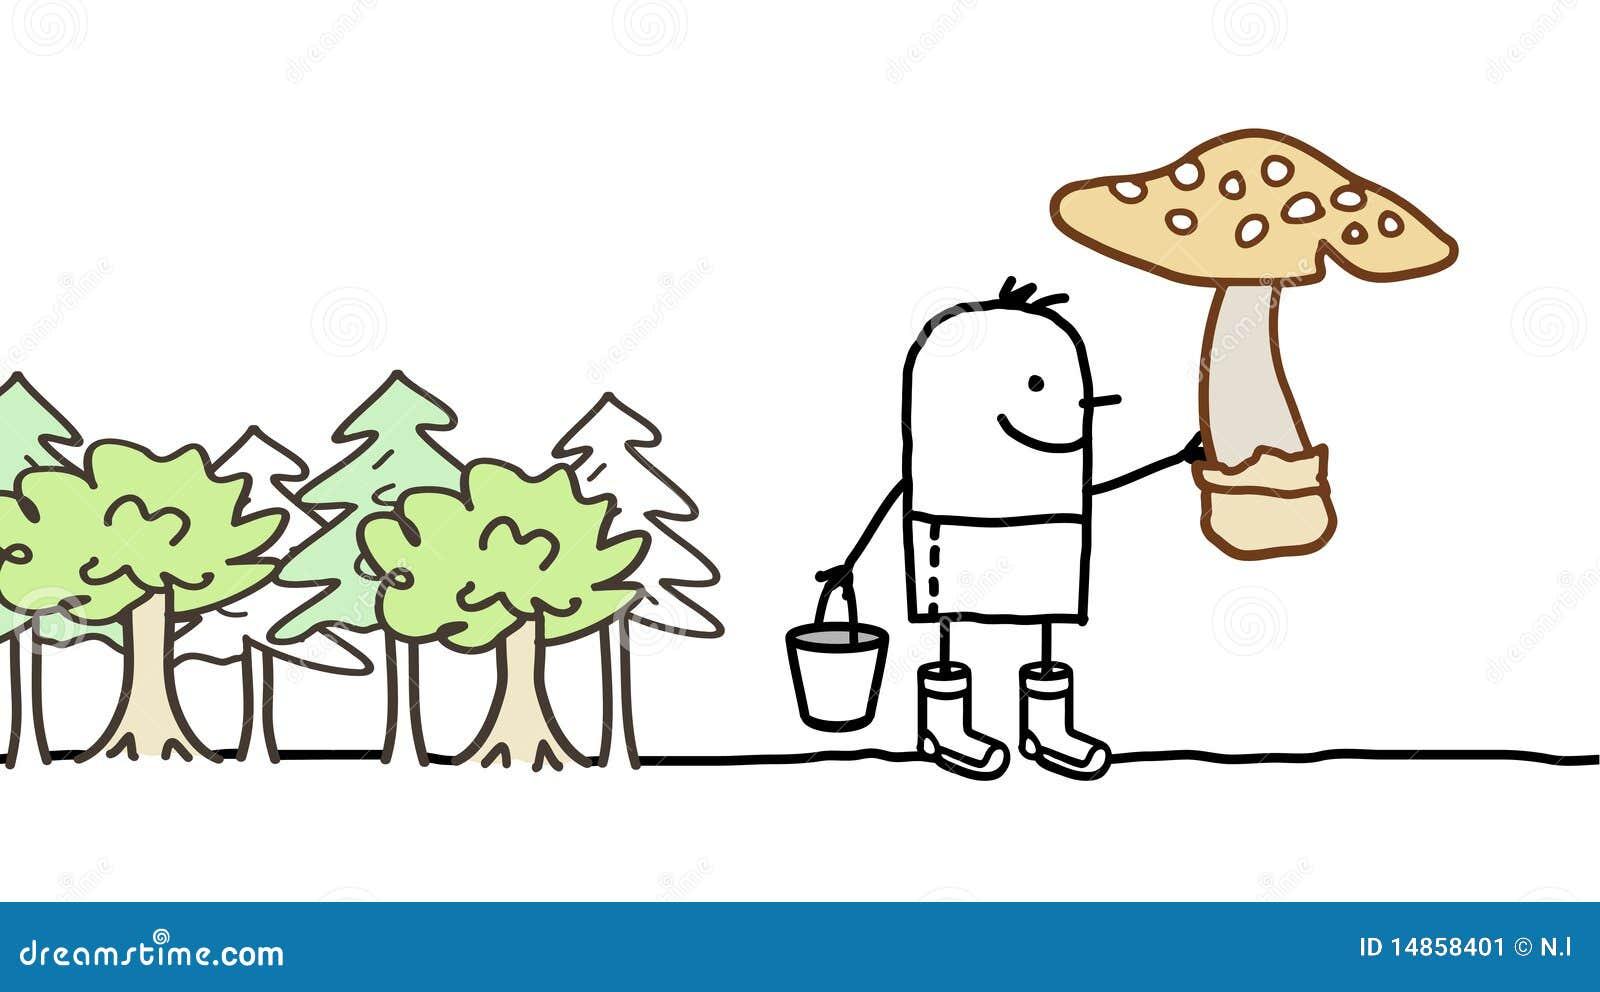 Mushrooms picking